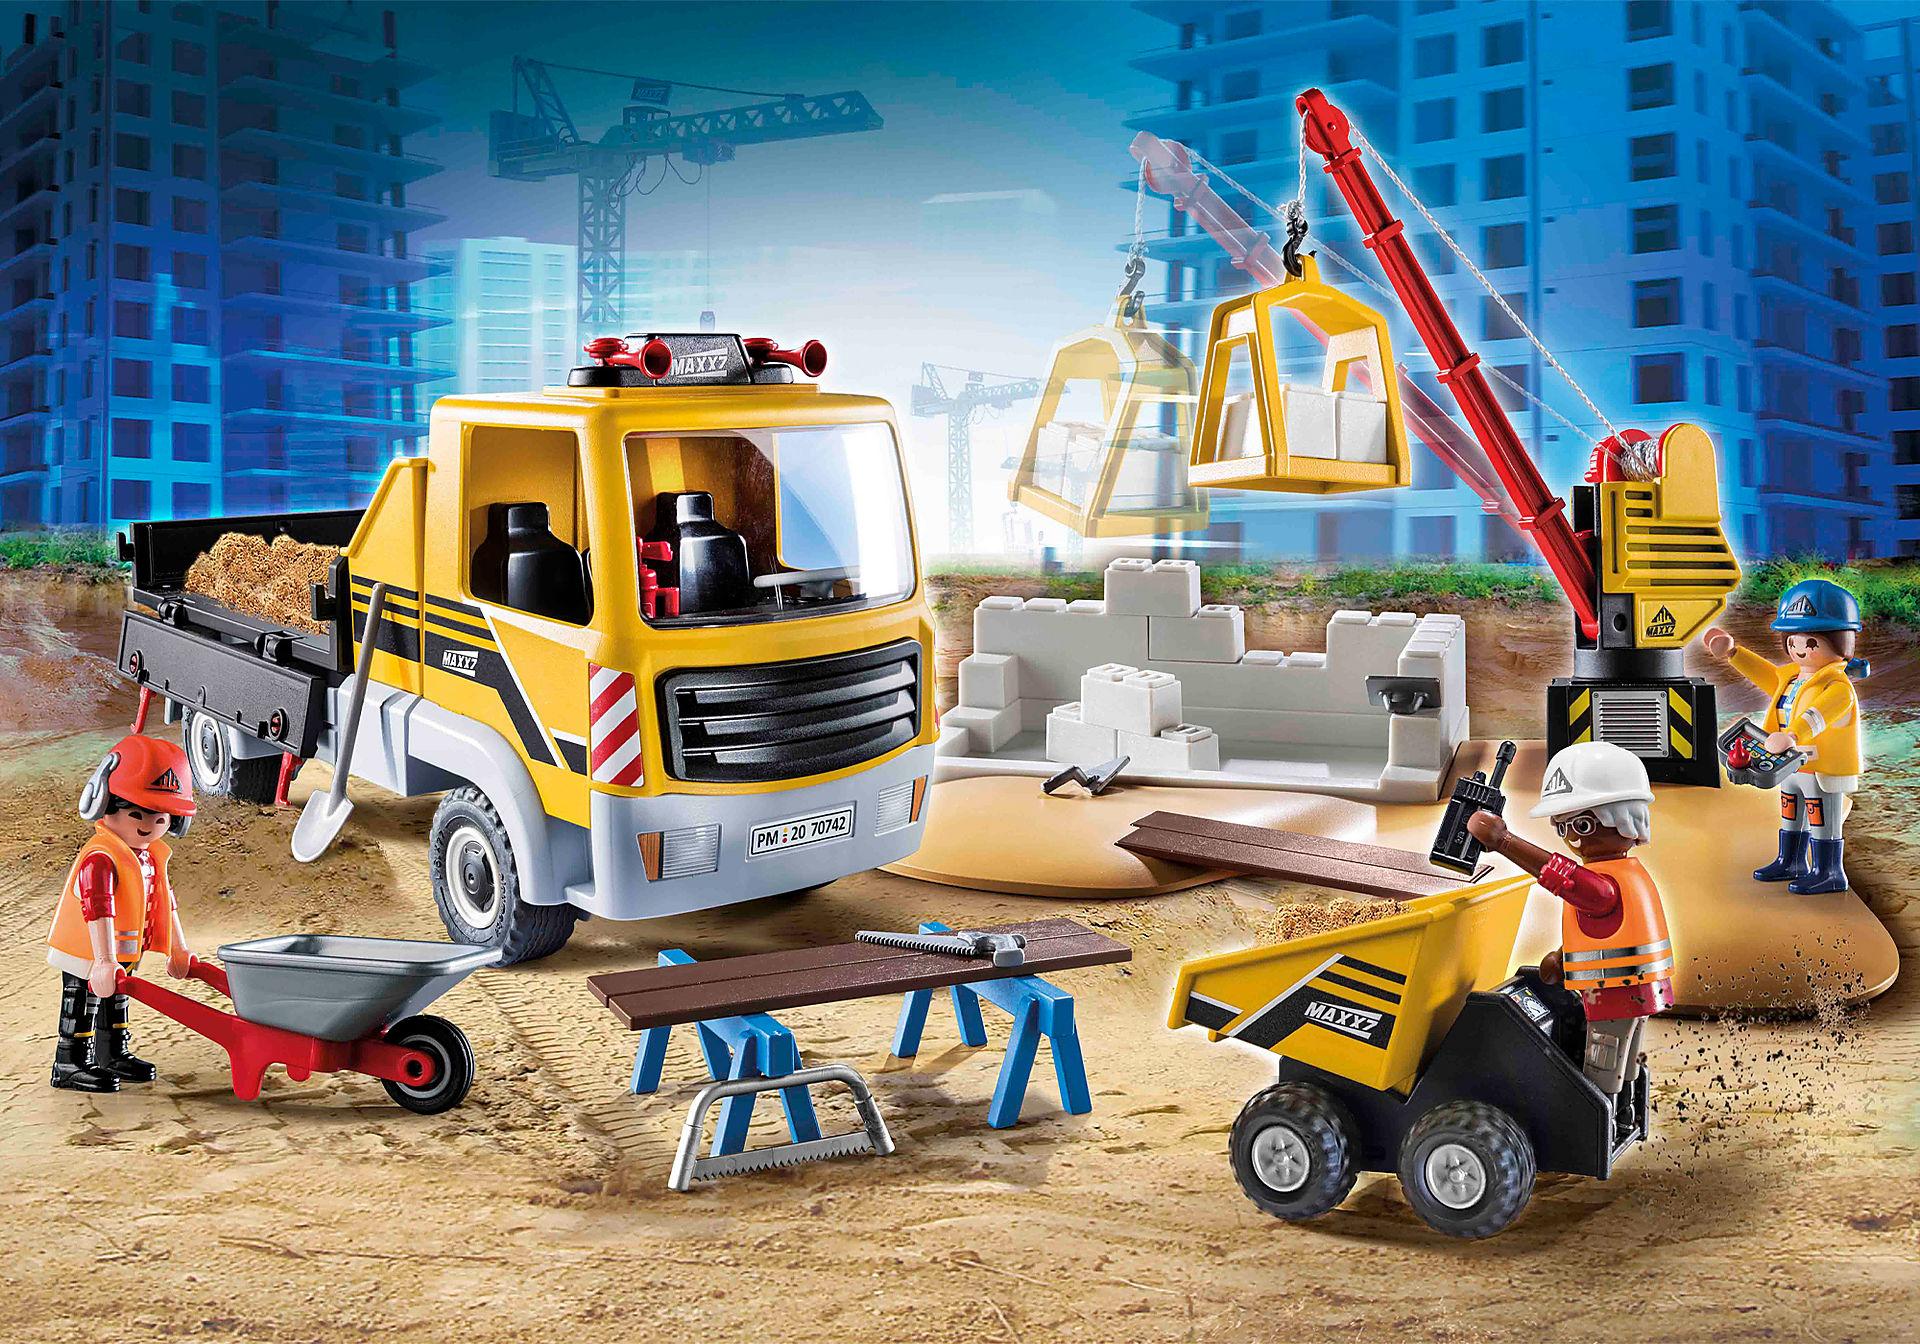 70742 Site de travaux avec camion et ouvriers zoom image1